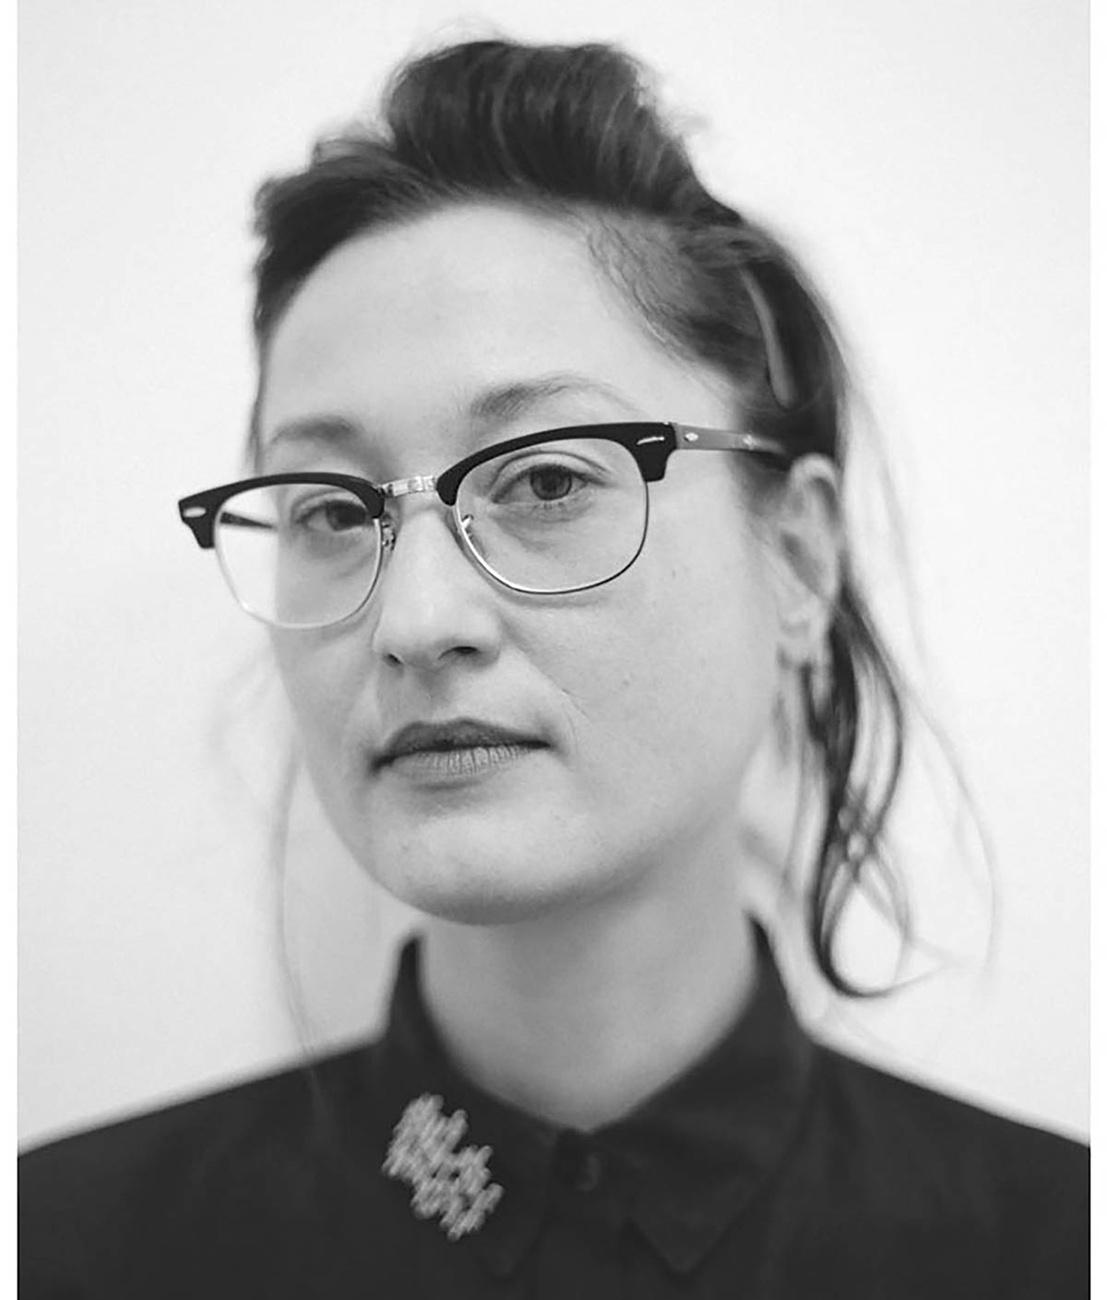 karin fisslthaler, contemporary artist, female, gallery raum mit licht, vienna,